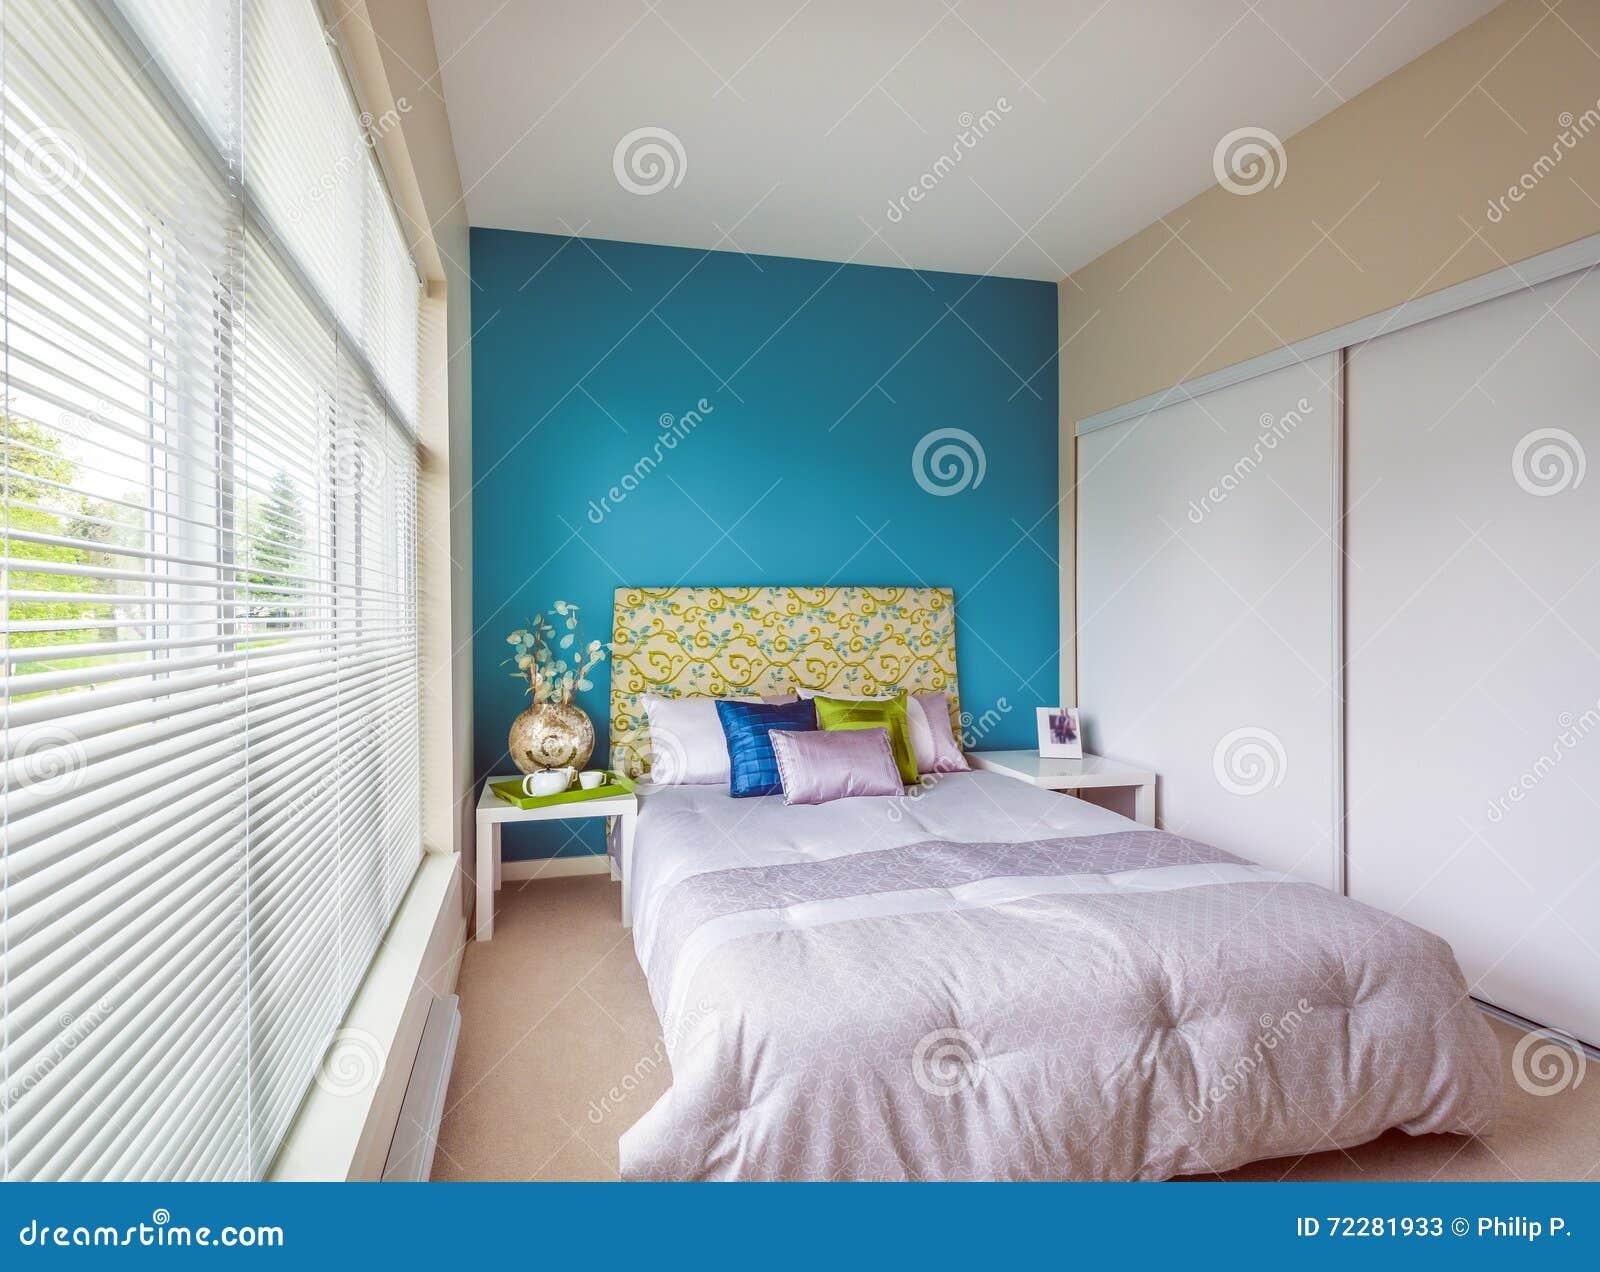 Download Современный голубой дизайн интерьера спальни Стоковое Изображение - изображение насчитывающей валики, аккомпанименты: 72281933